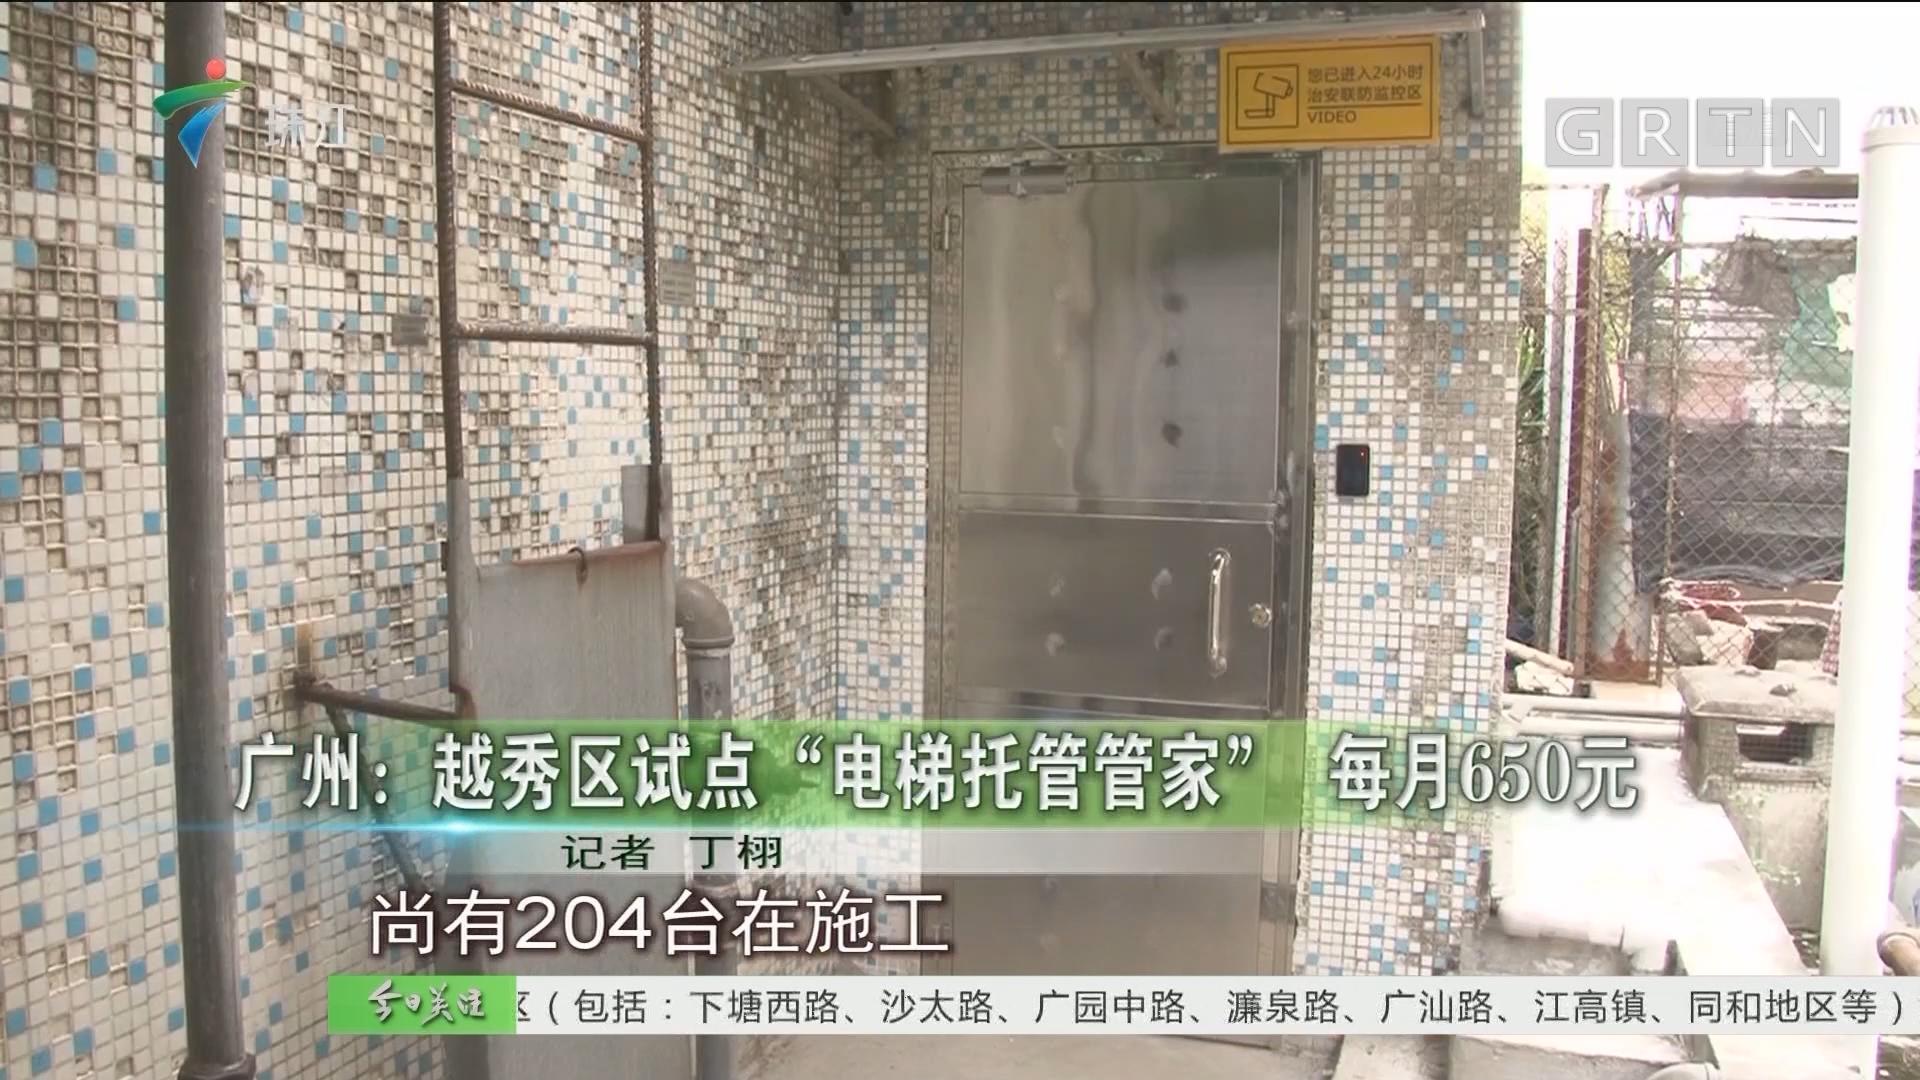 """广州:越秀区试点""""电梯托管管家"""" 每月650元"""